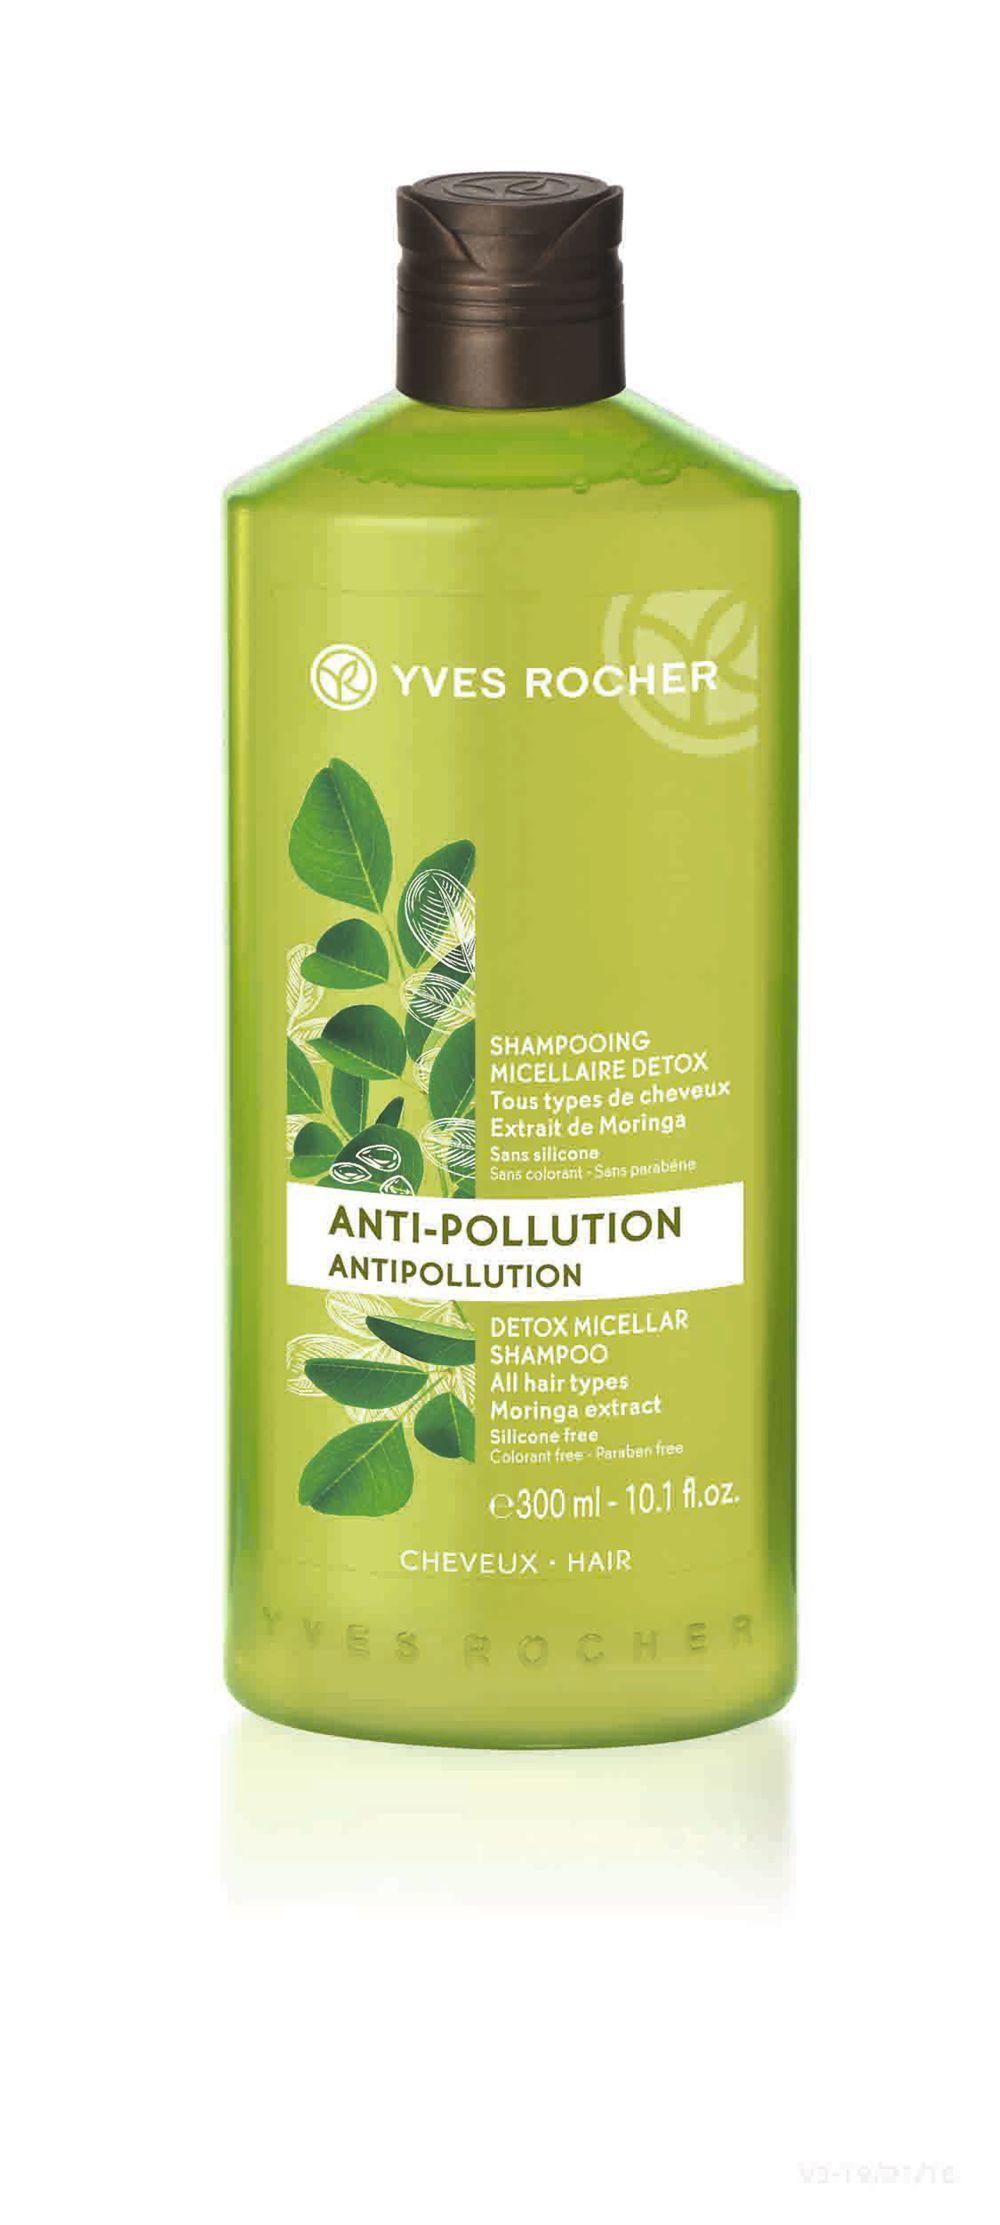 Champú micelar détox, Yves Rocher | 20 productos de belleza...